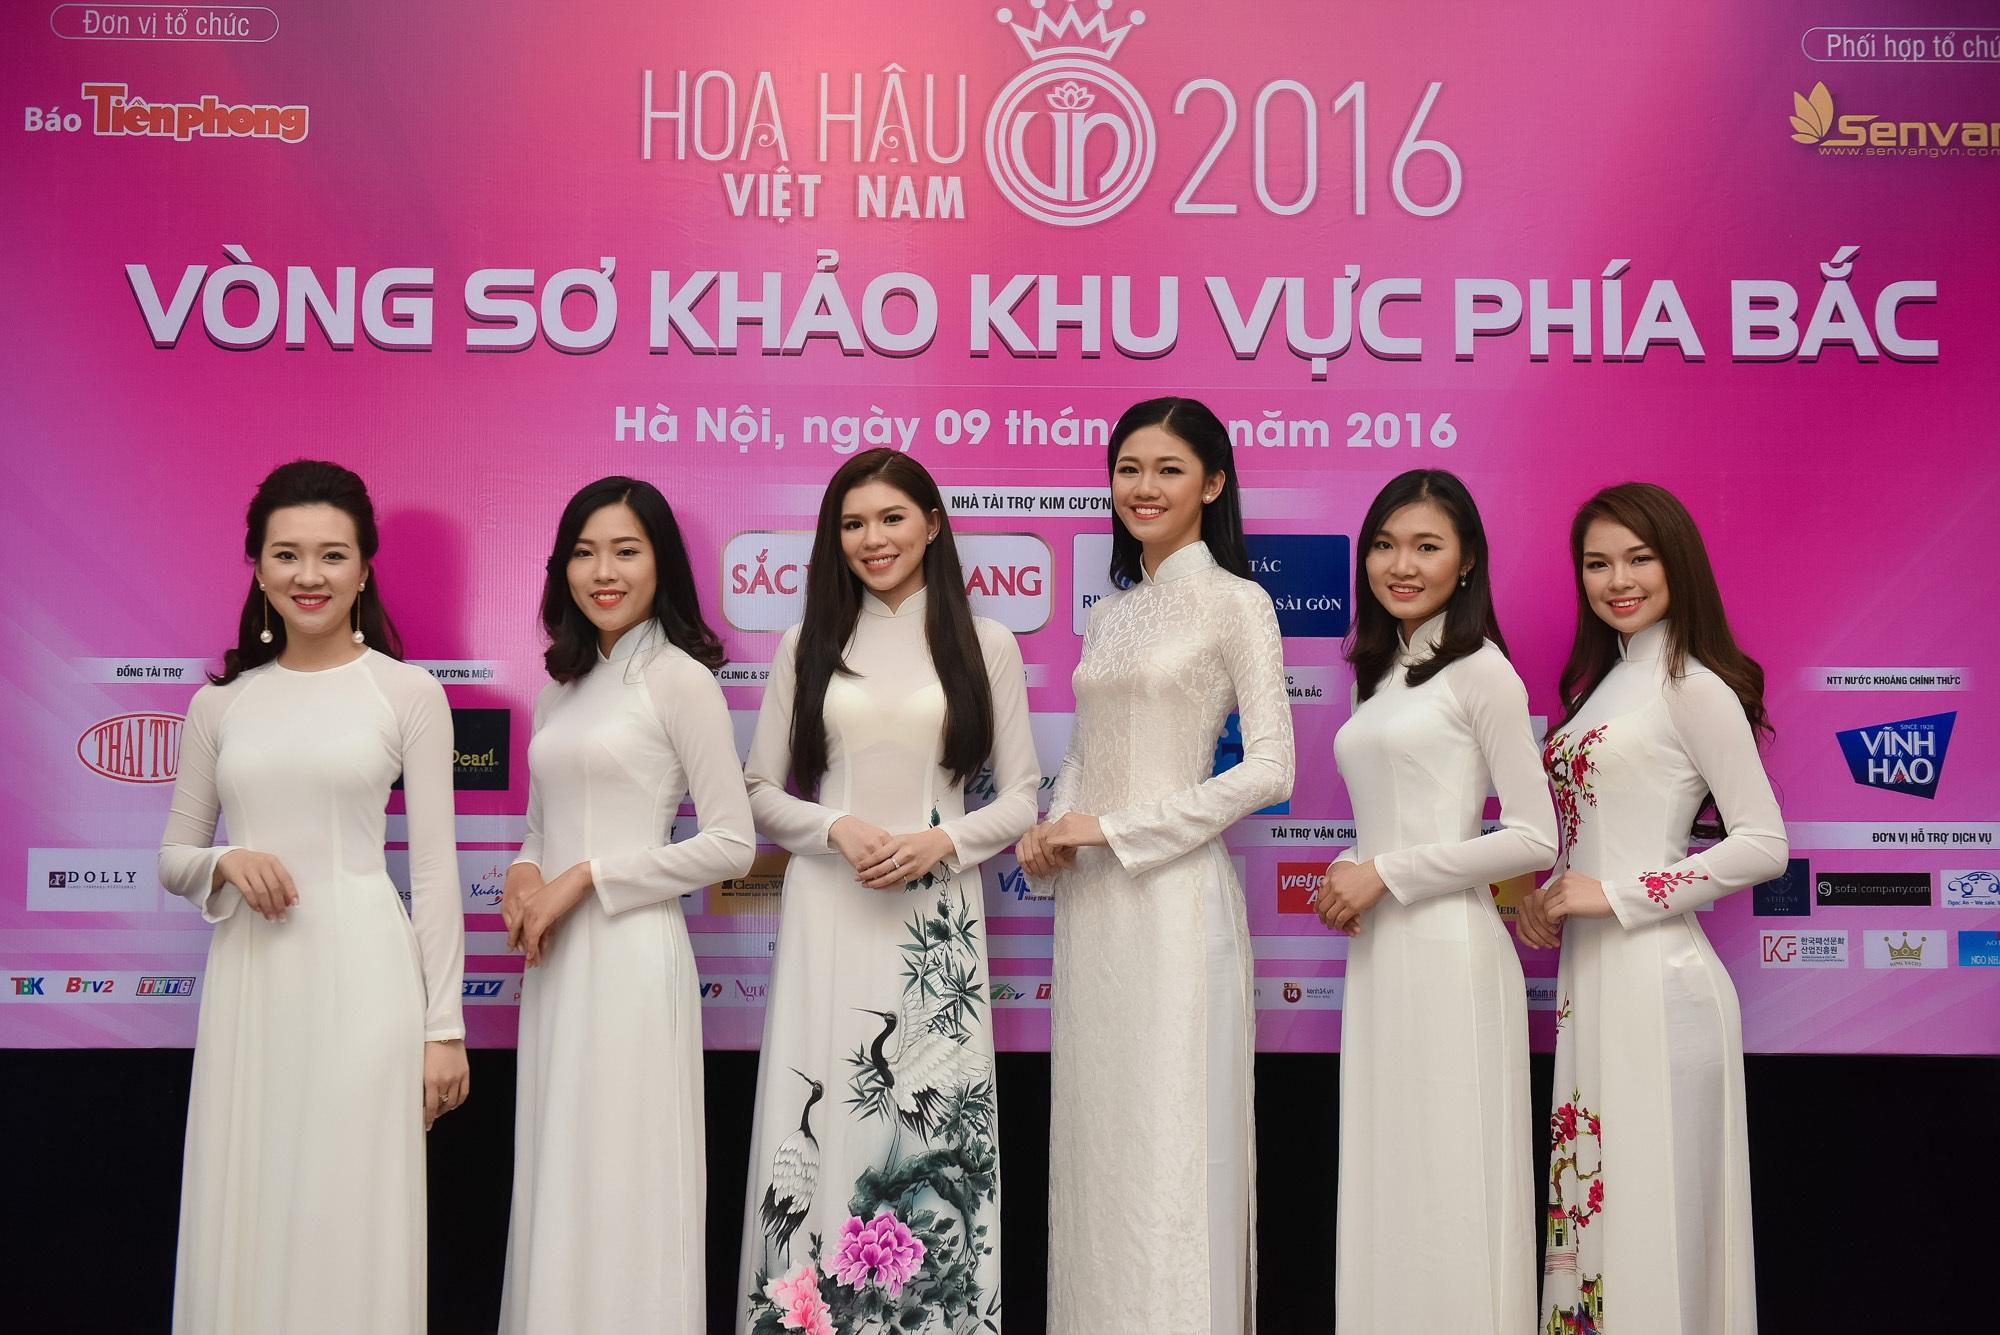 32 người đẹp vào chung khảo phía Bắc Hoa hậu Việt Nam 2016 - 4